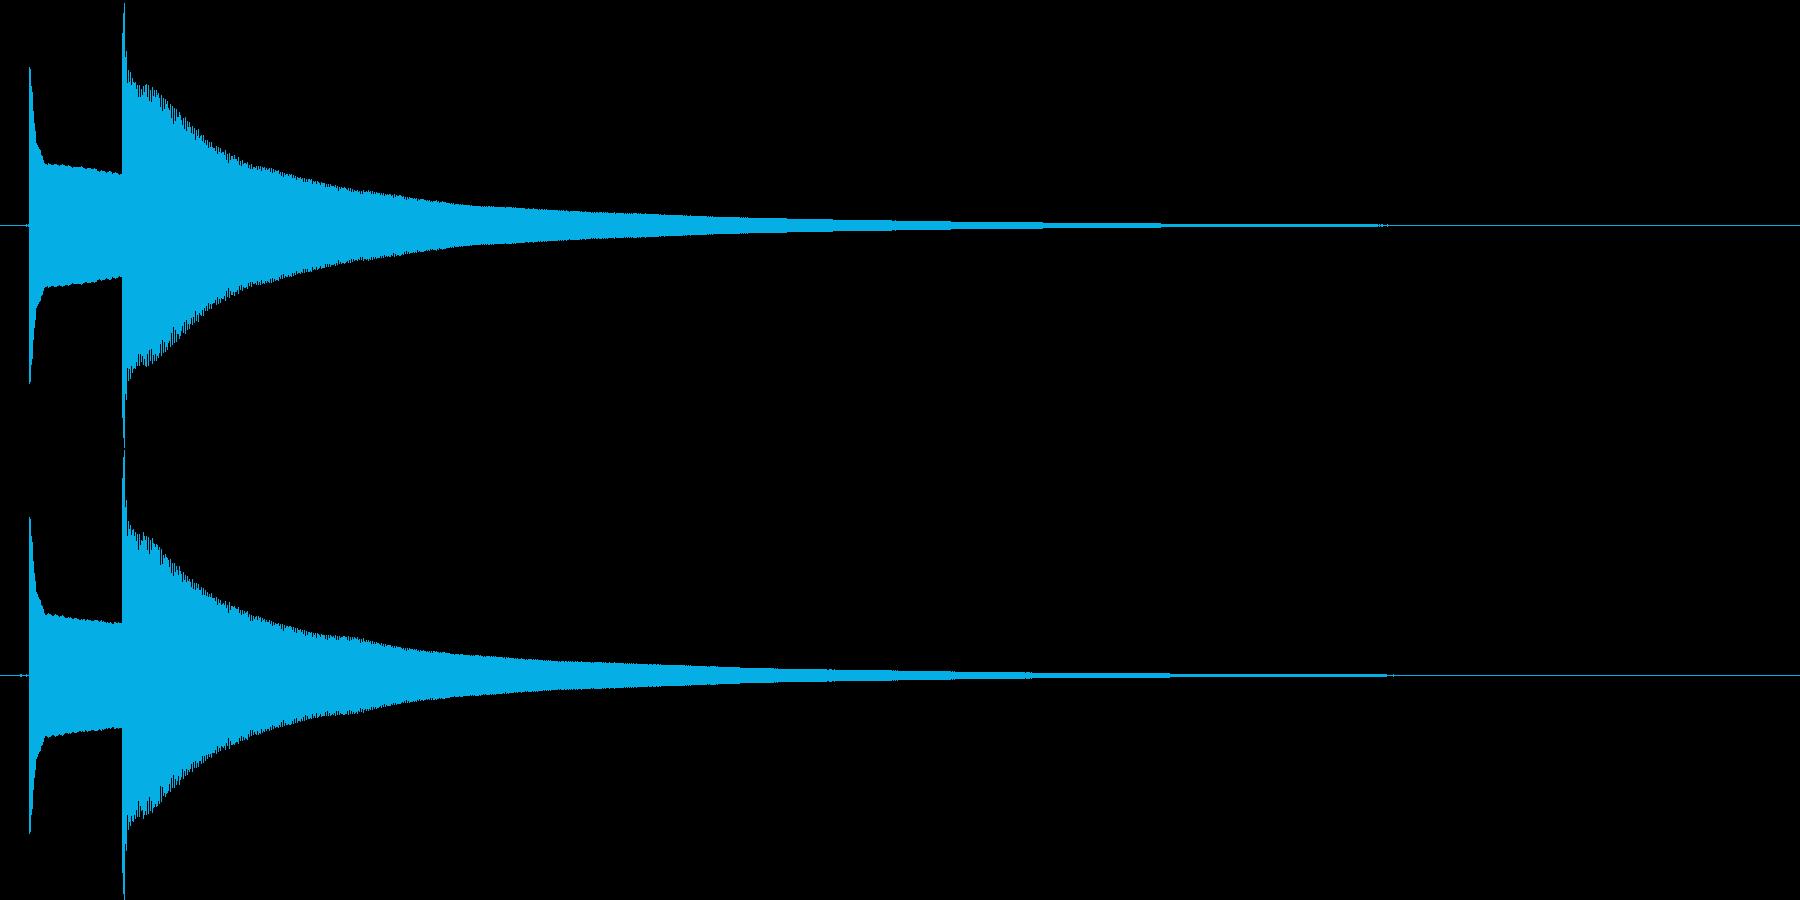 【ピコーン】アイテム・ポイント獲得、正解の再生済みの波形